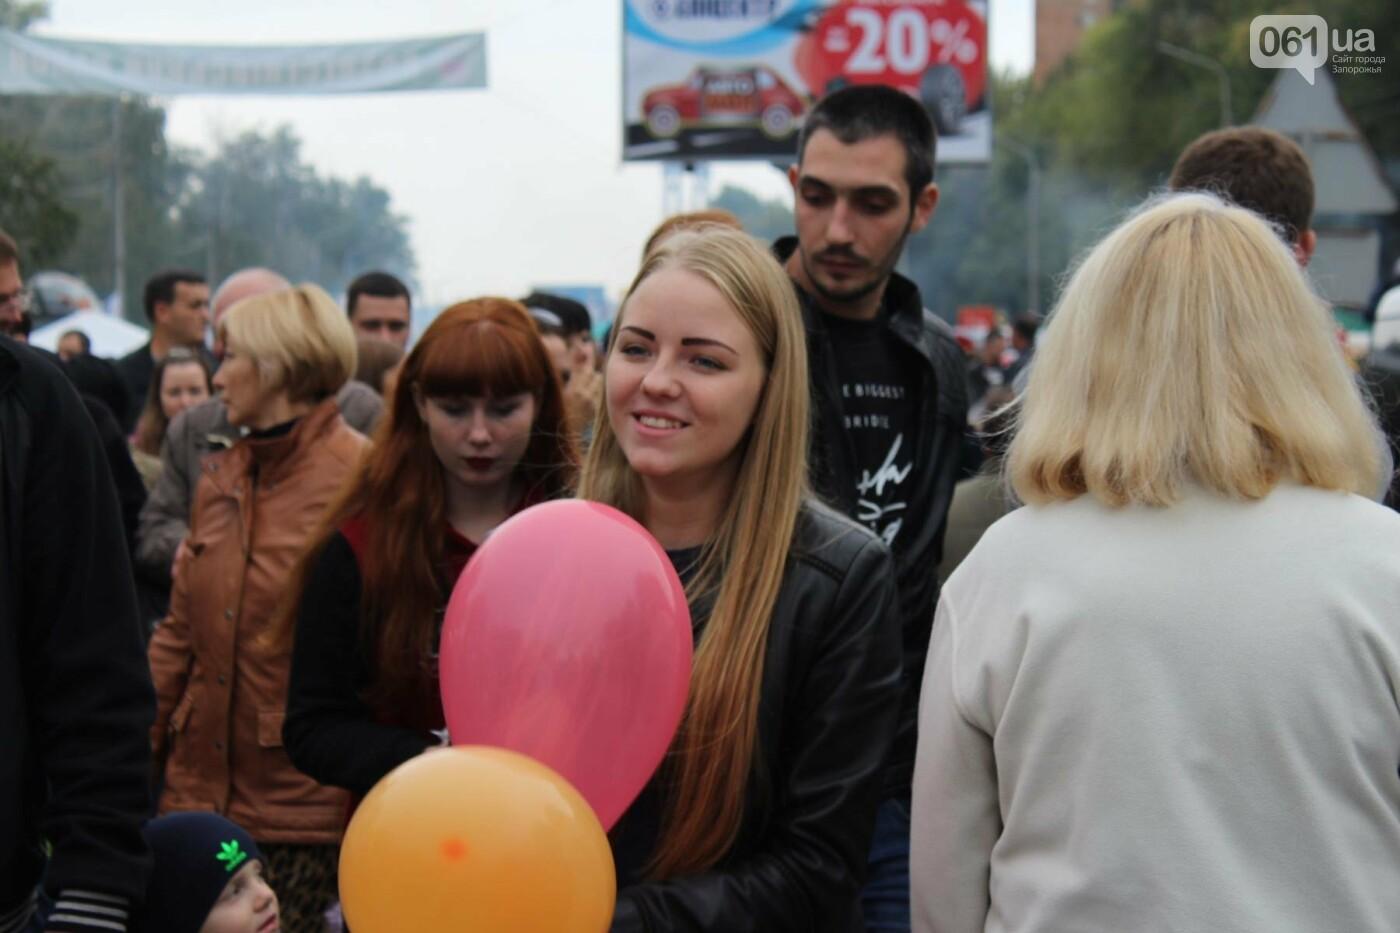 Найди себя: 55 портретов посетителей Покровской ярмарки в Запорожье, - ФОТО , фото-5